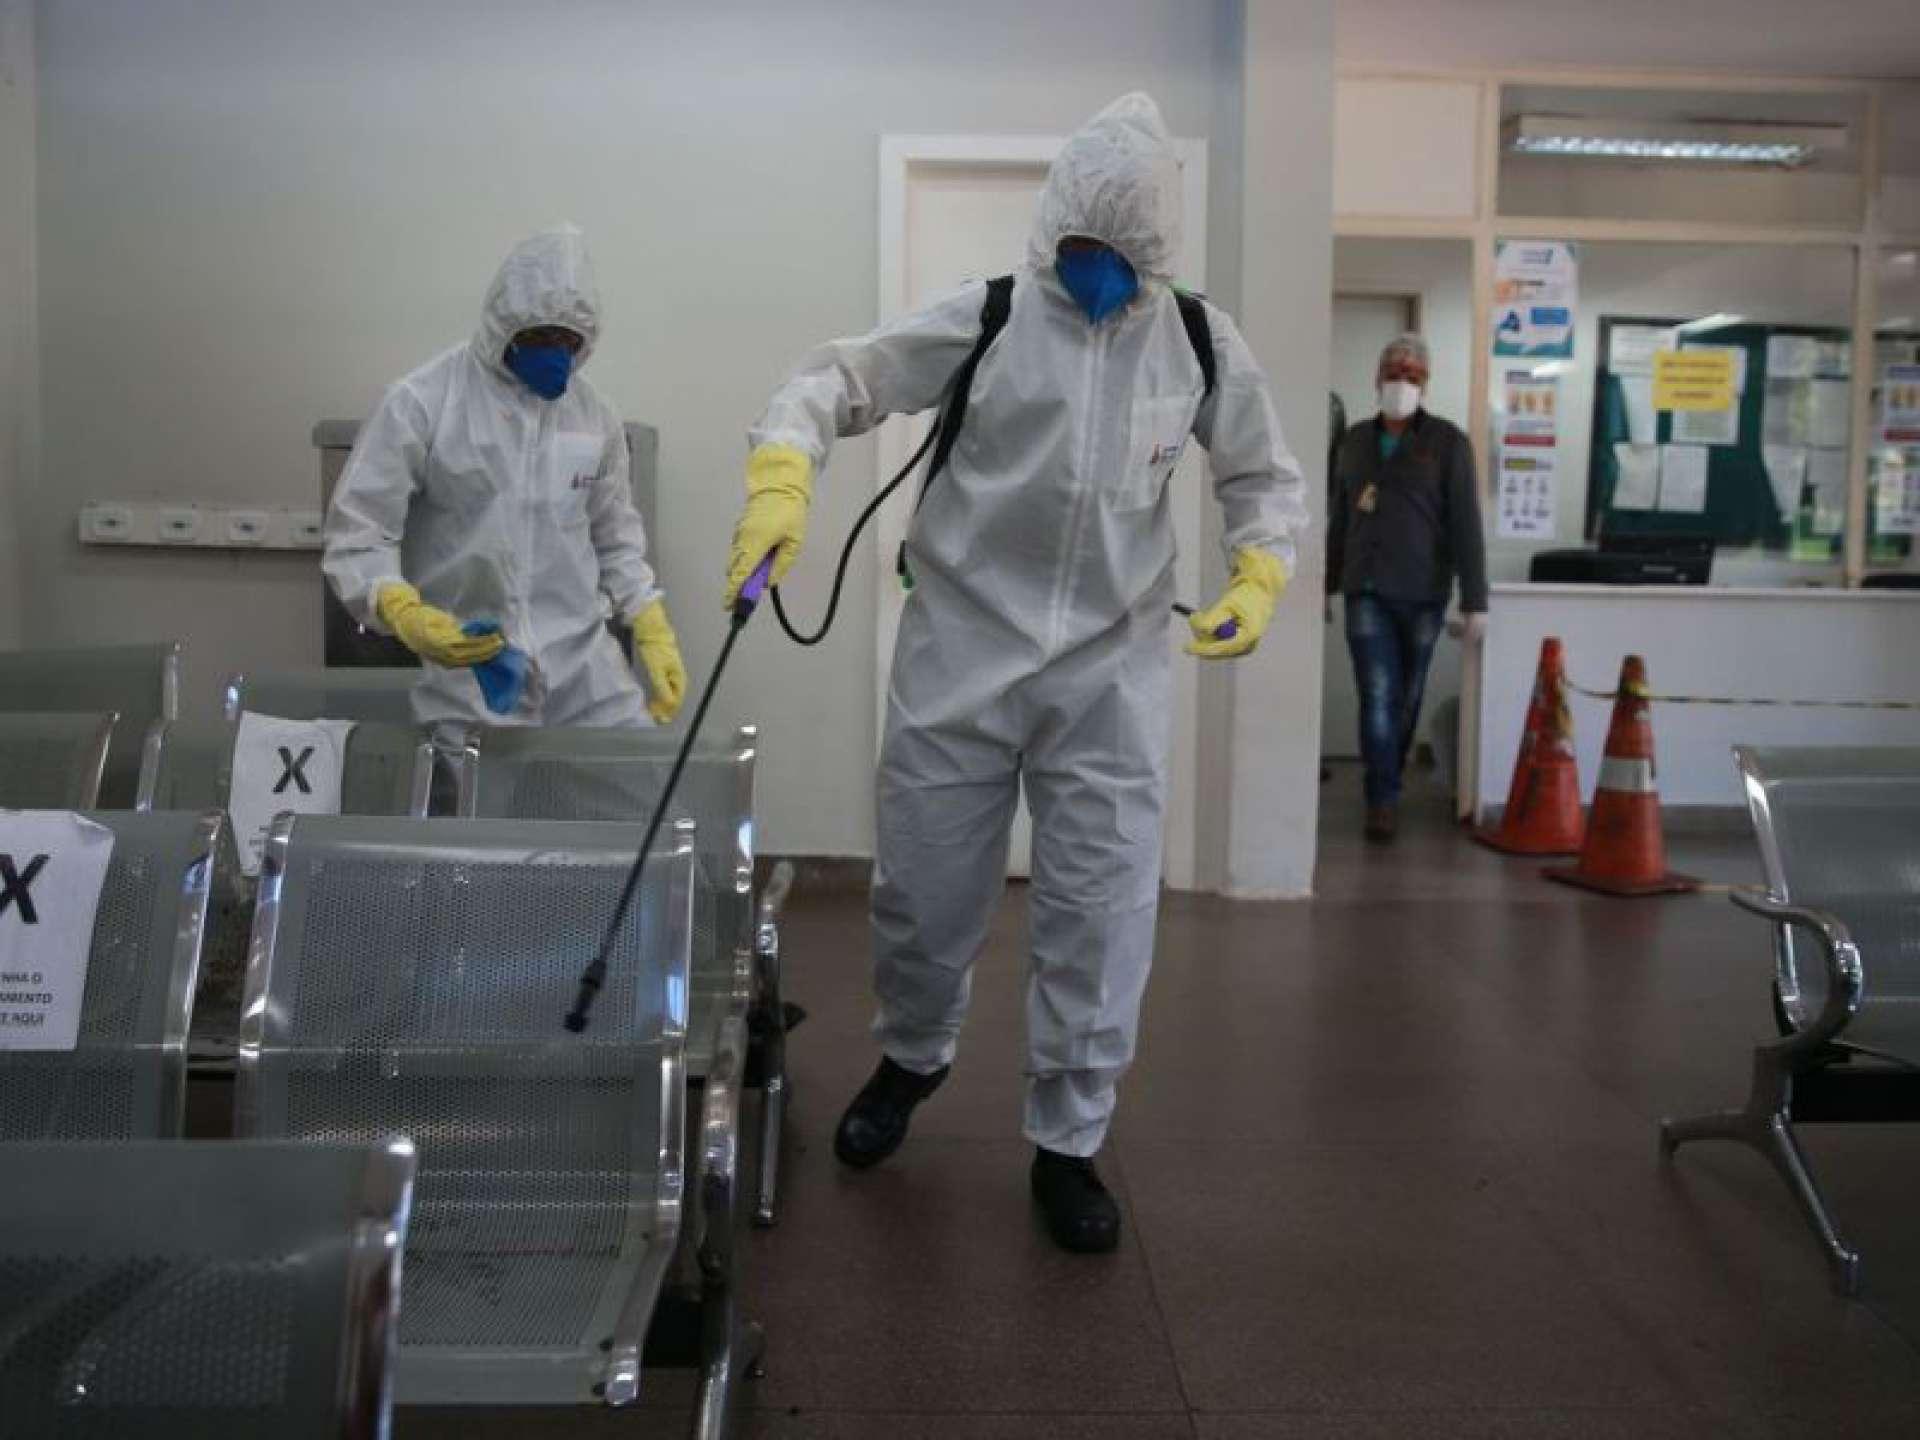 Forças Armadas promovem ação de desinfecção no Hospital Regional da Asa Norte (HRAN), em Brasília, uma das medidas adotadas para prevenir a contaminação pelo novo coronavírus no Brasil (Foto: Marcello Casal JrAgência Brasil)